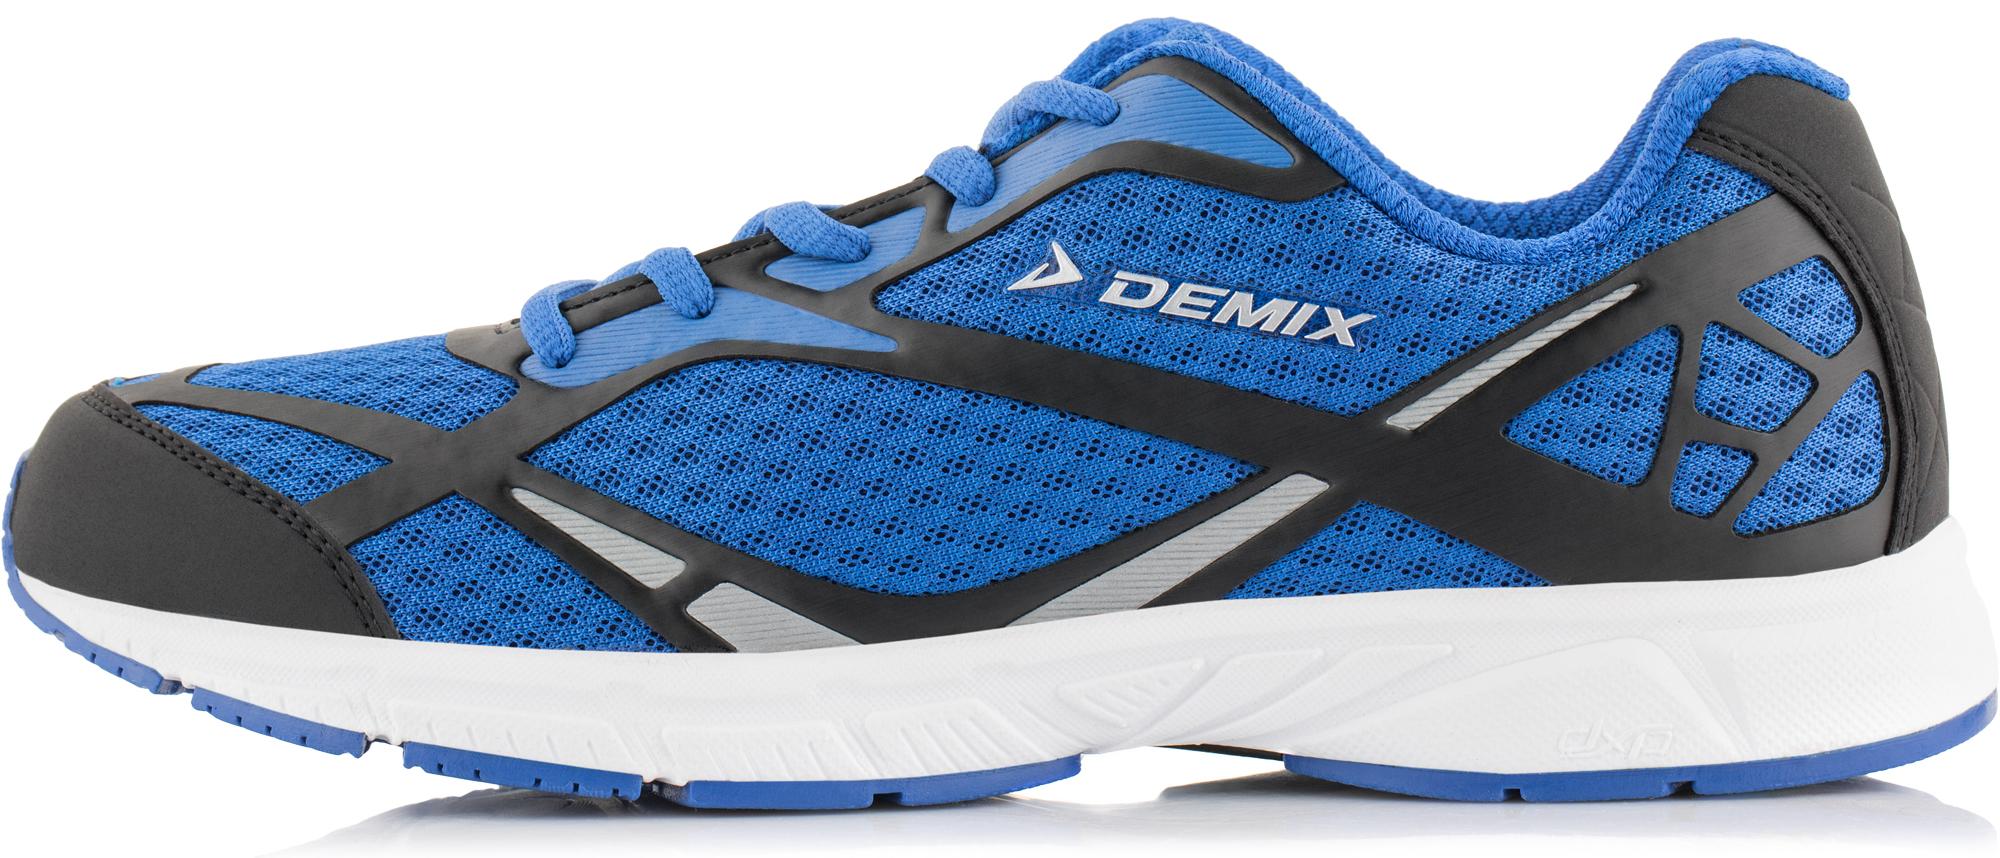 Demix Кроссовки для мальчиков Demix Forsage кроссовки для мальчиков сказка